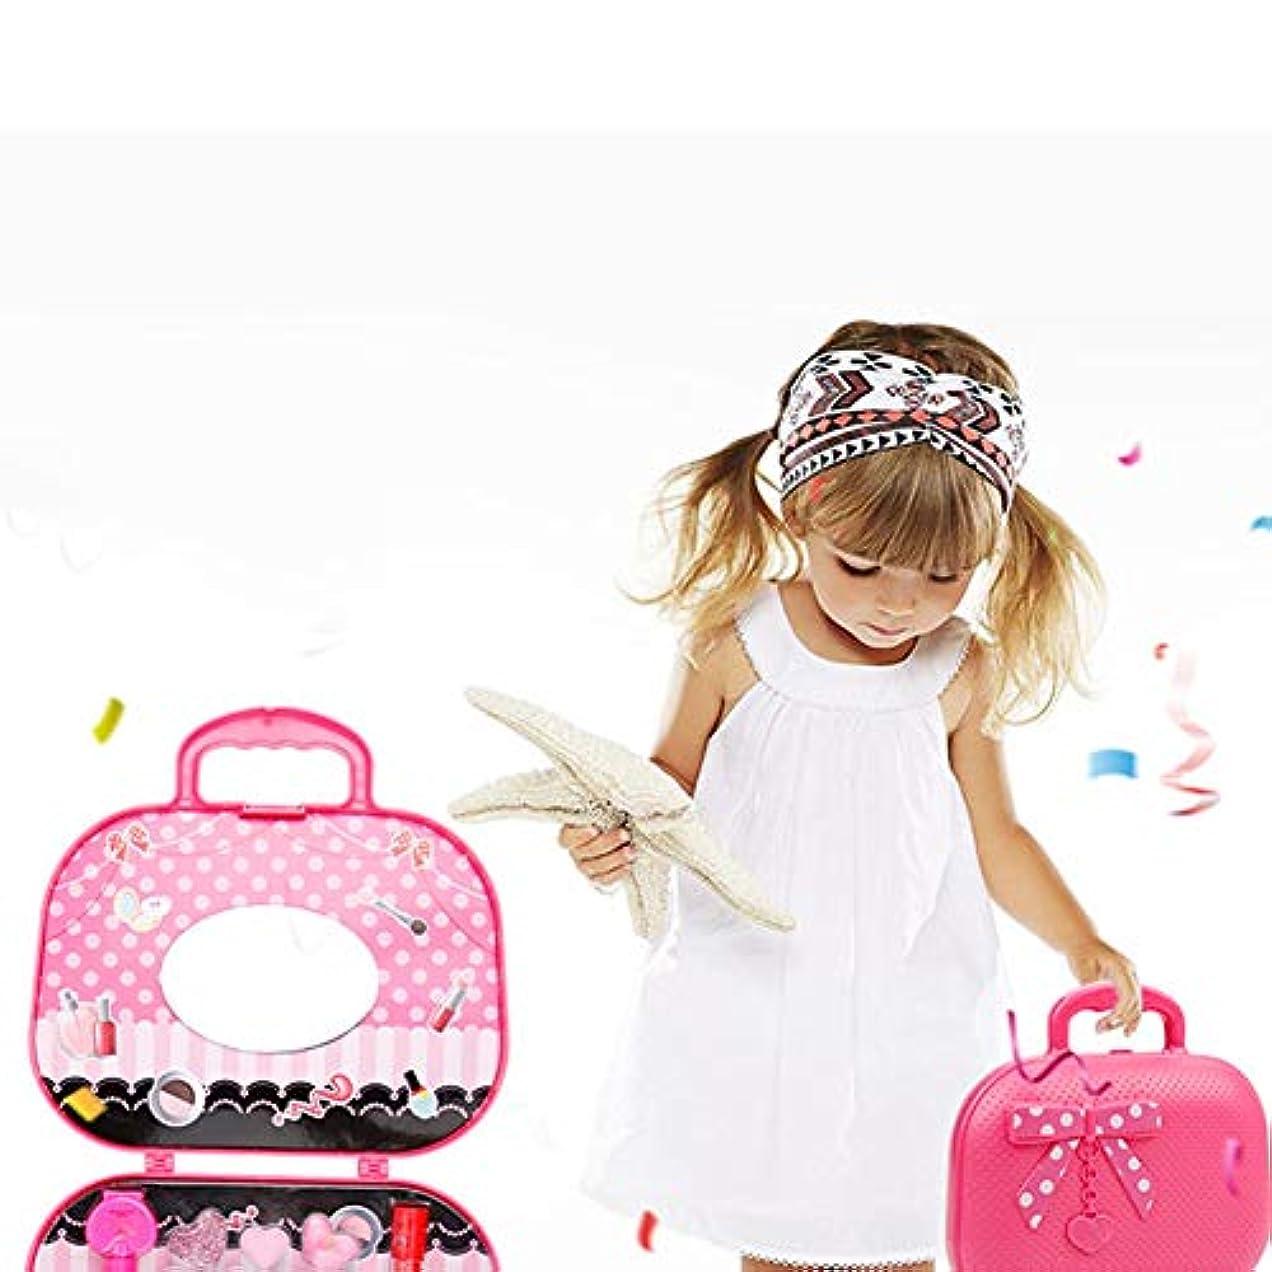 中止しますパケット悲鳴かわいいプリンセスふりメイクセットキッズガールズシミュレーション口紅子供のおもちゃ - ピンク